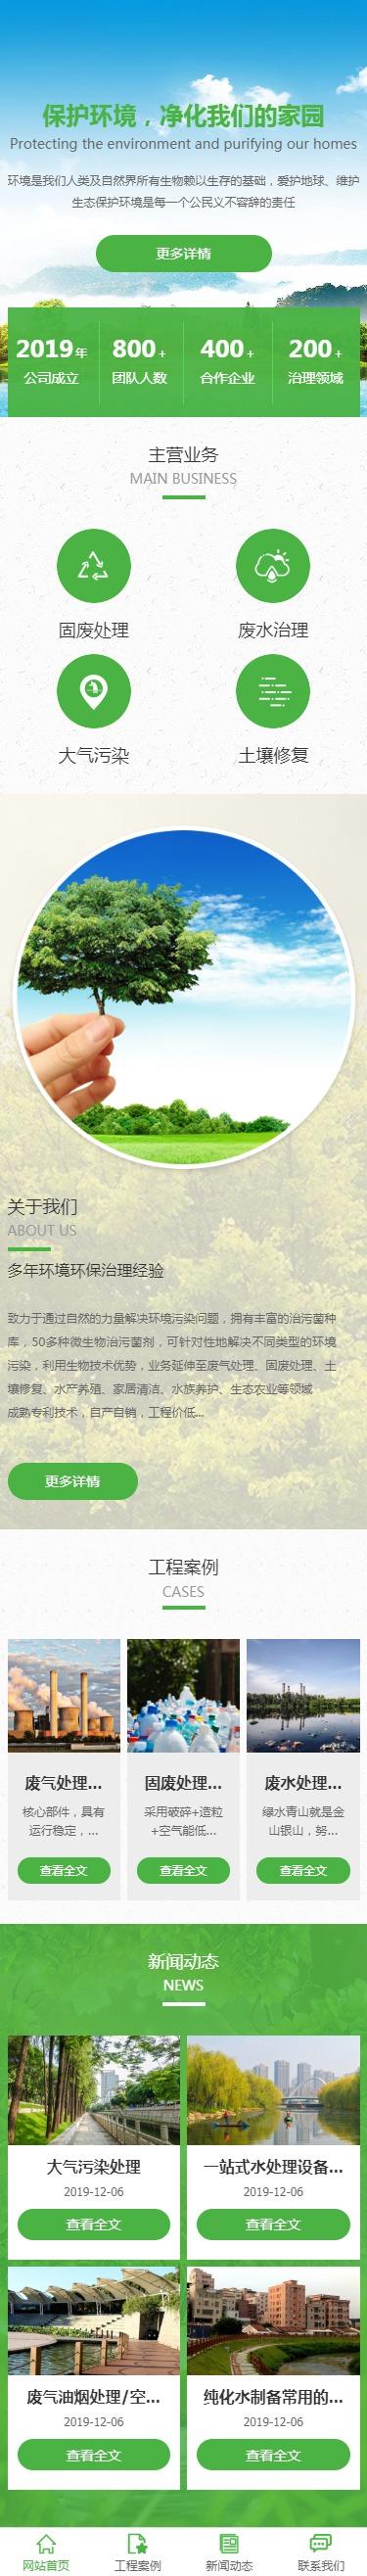 环保治理模板小程序展示模板